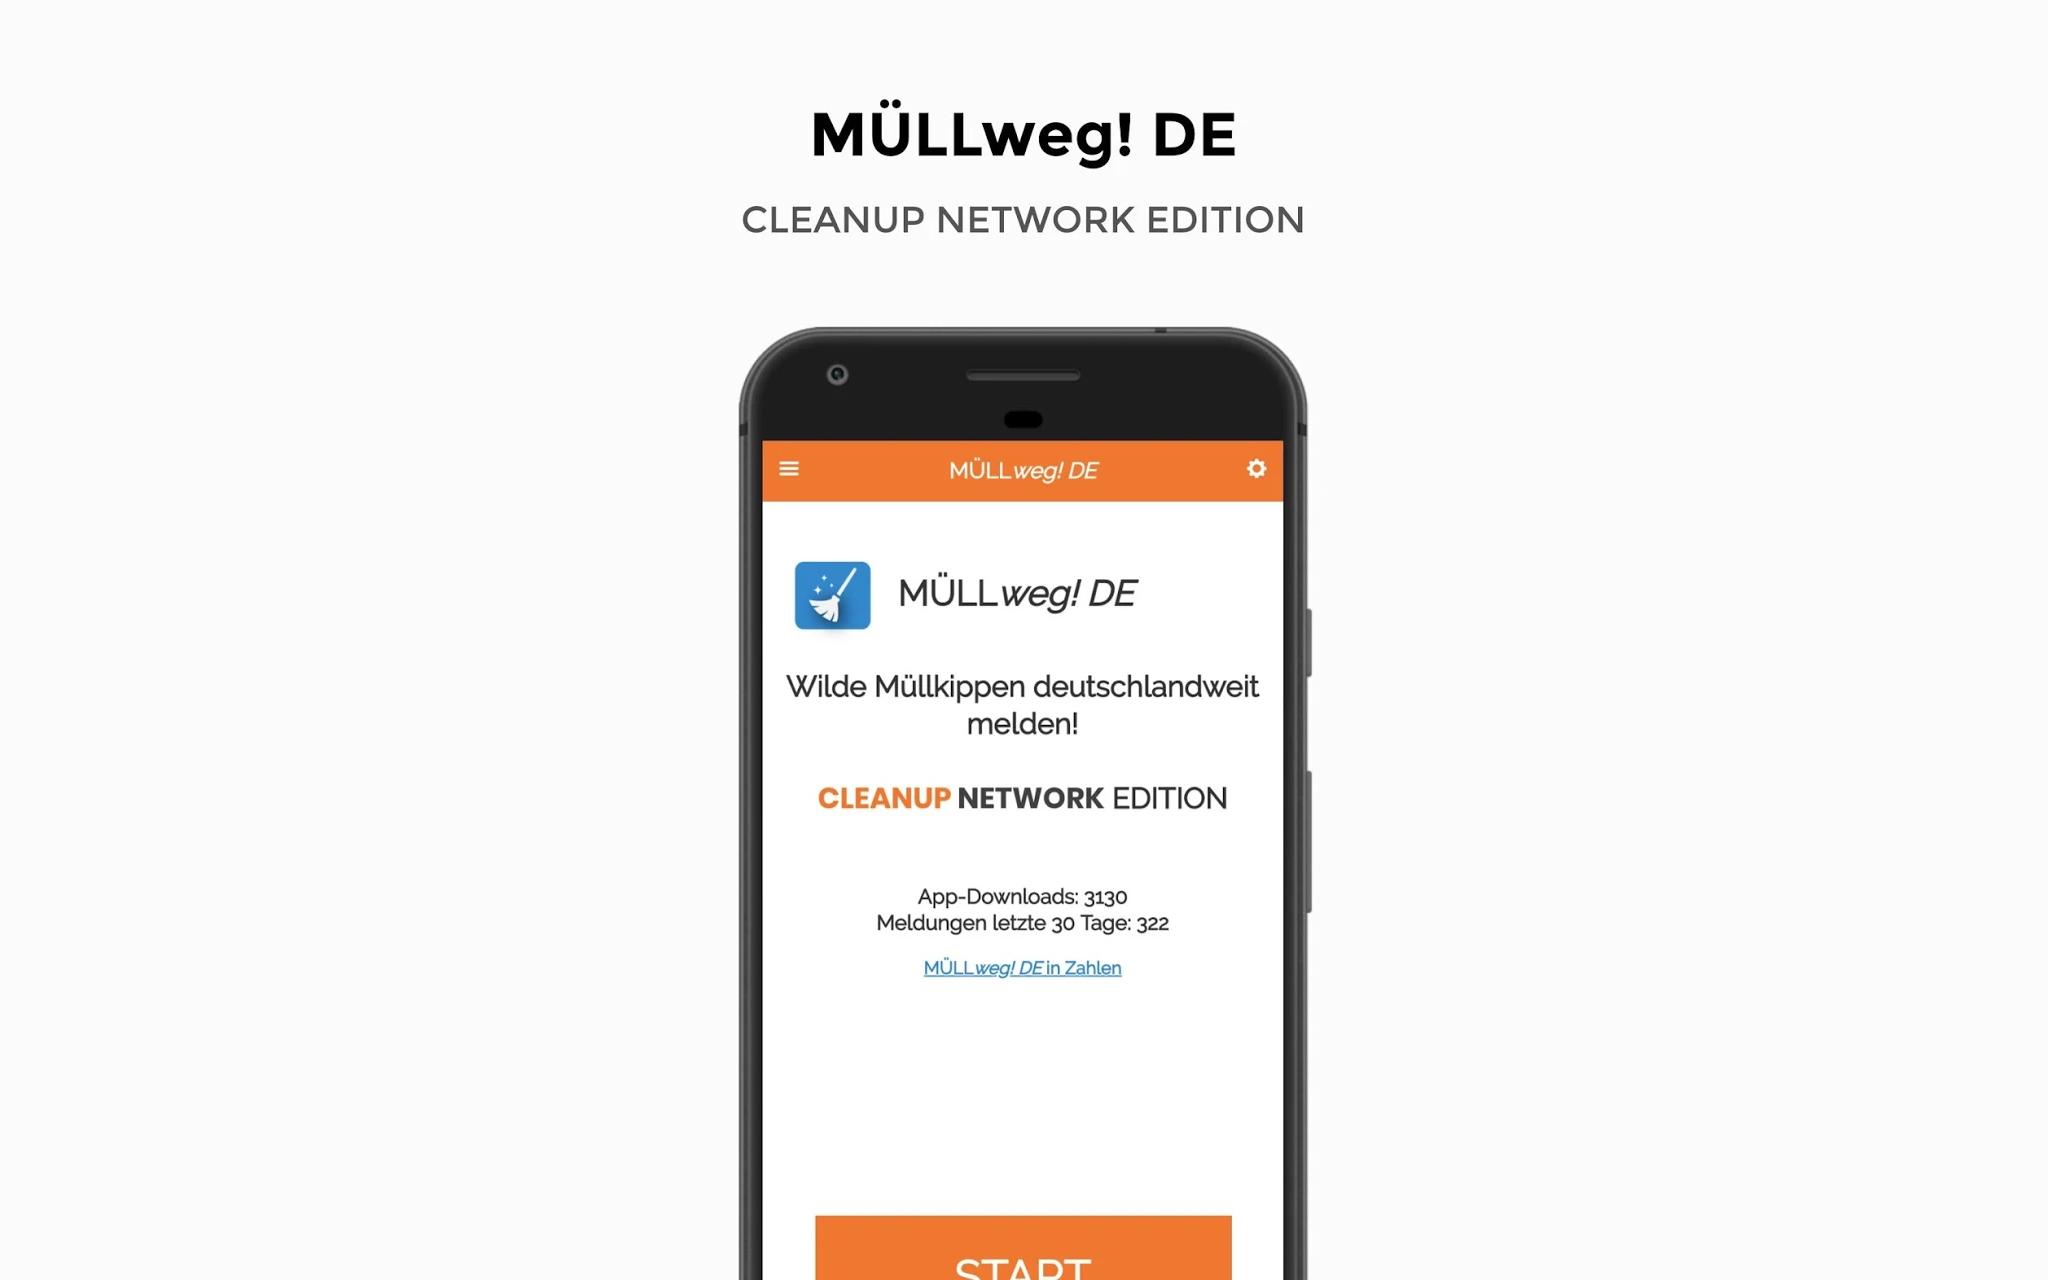 MÜLLweg! DE – die Cleanup Network Edition